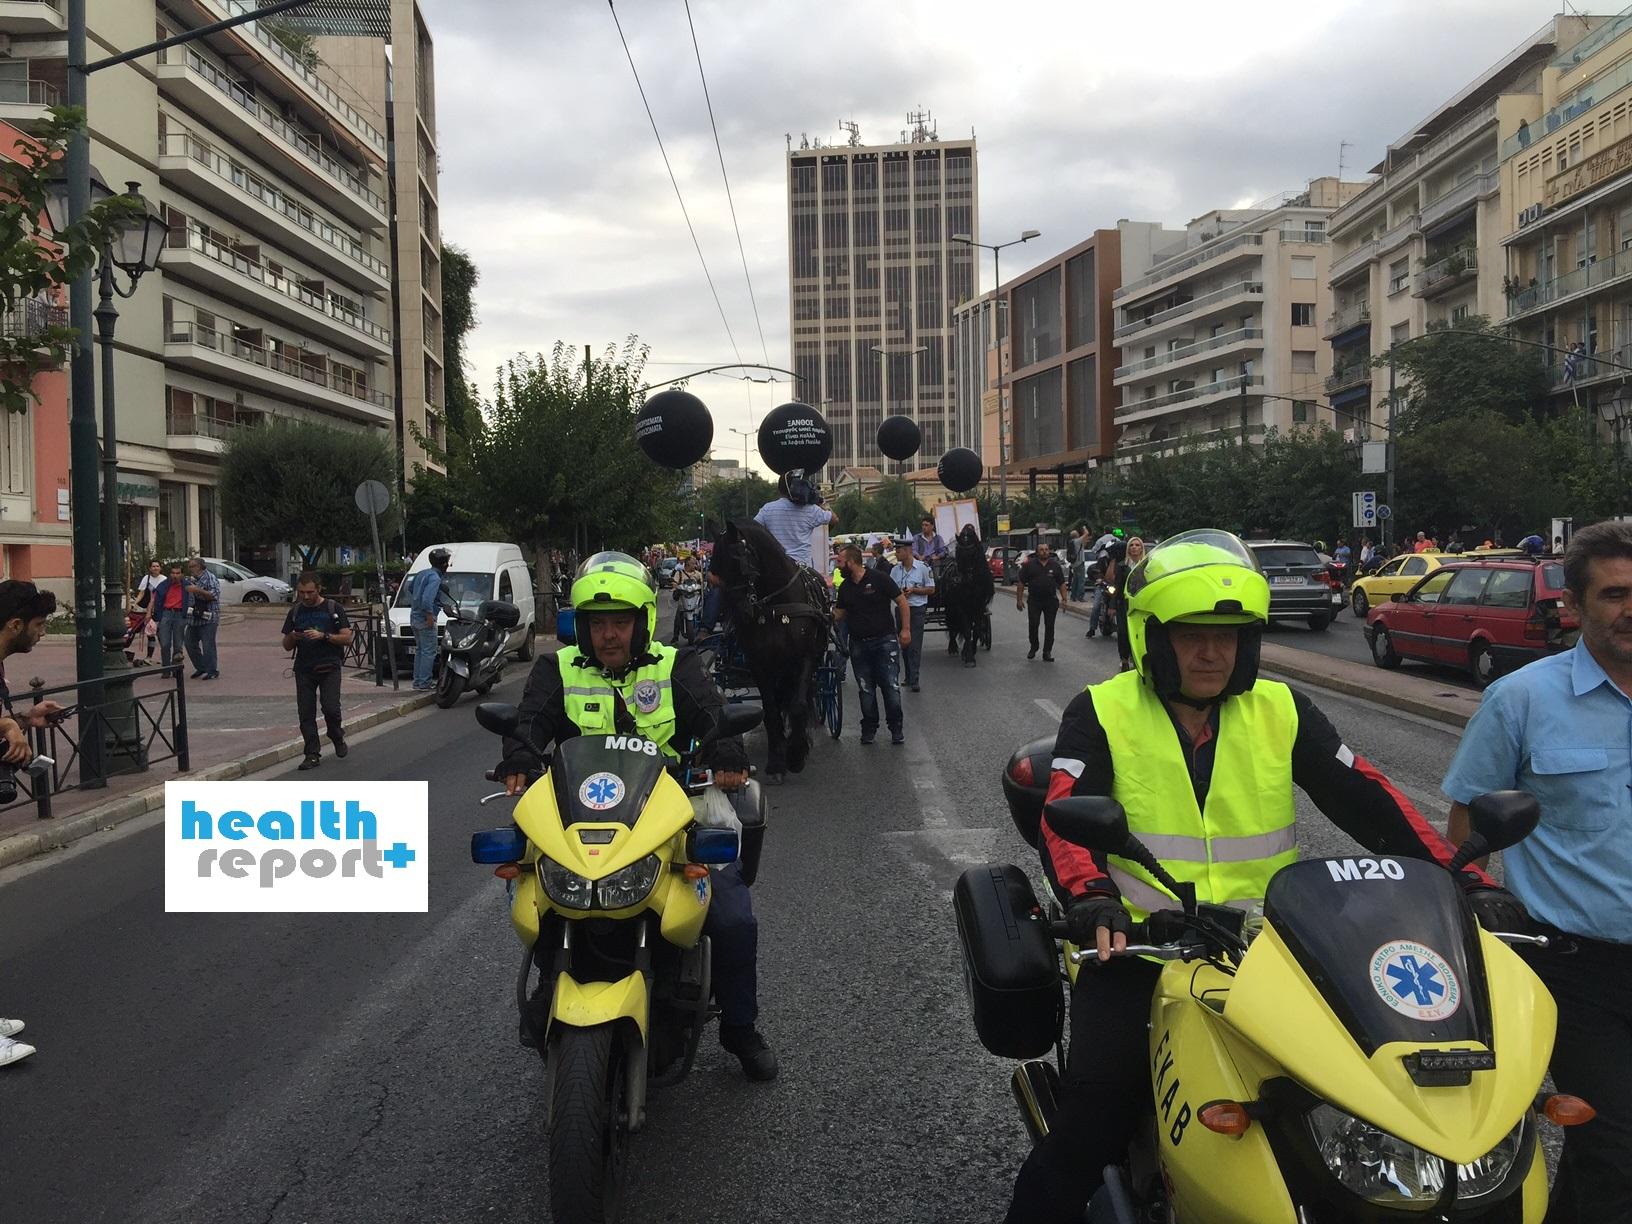 Πορεία διαμαρτυρίας 9 χλμ από την ΠΟΕΔΗΝ στη Λάρισα! Από ποιες Μονάδες θα περάσει